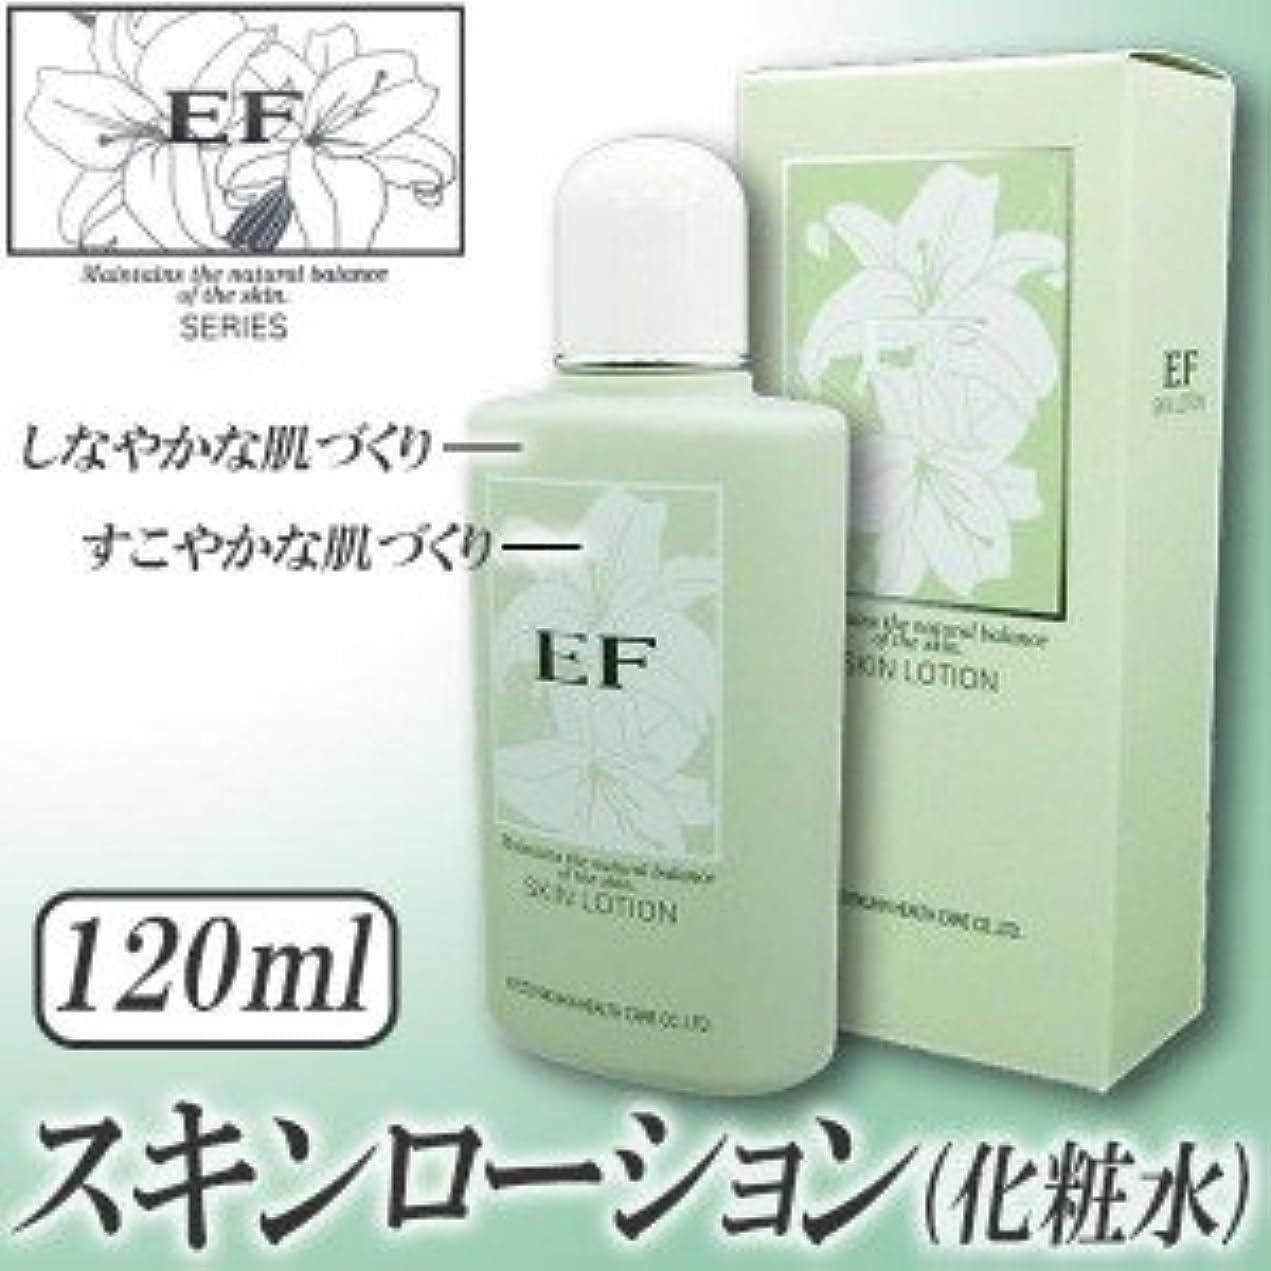 何でも膨らみ保護するEFスキンローション(化粧水) 120mL